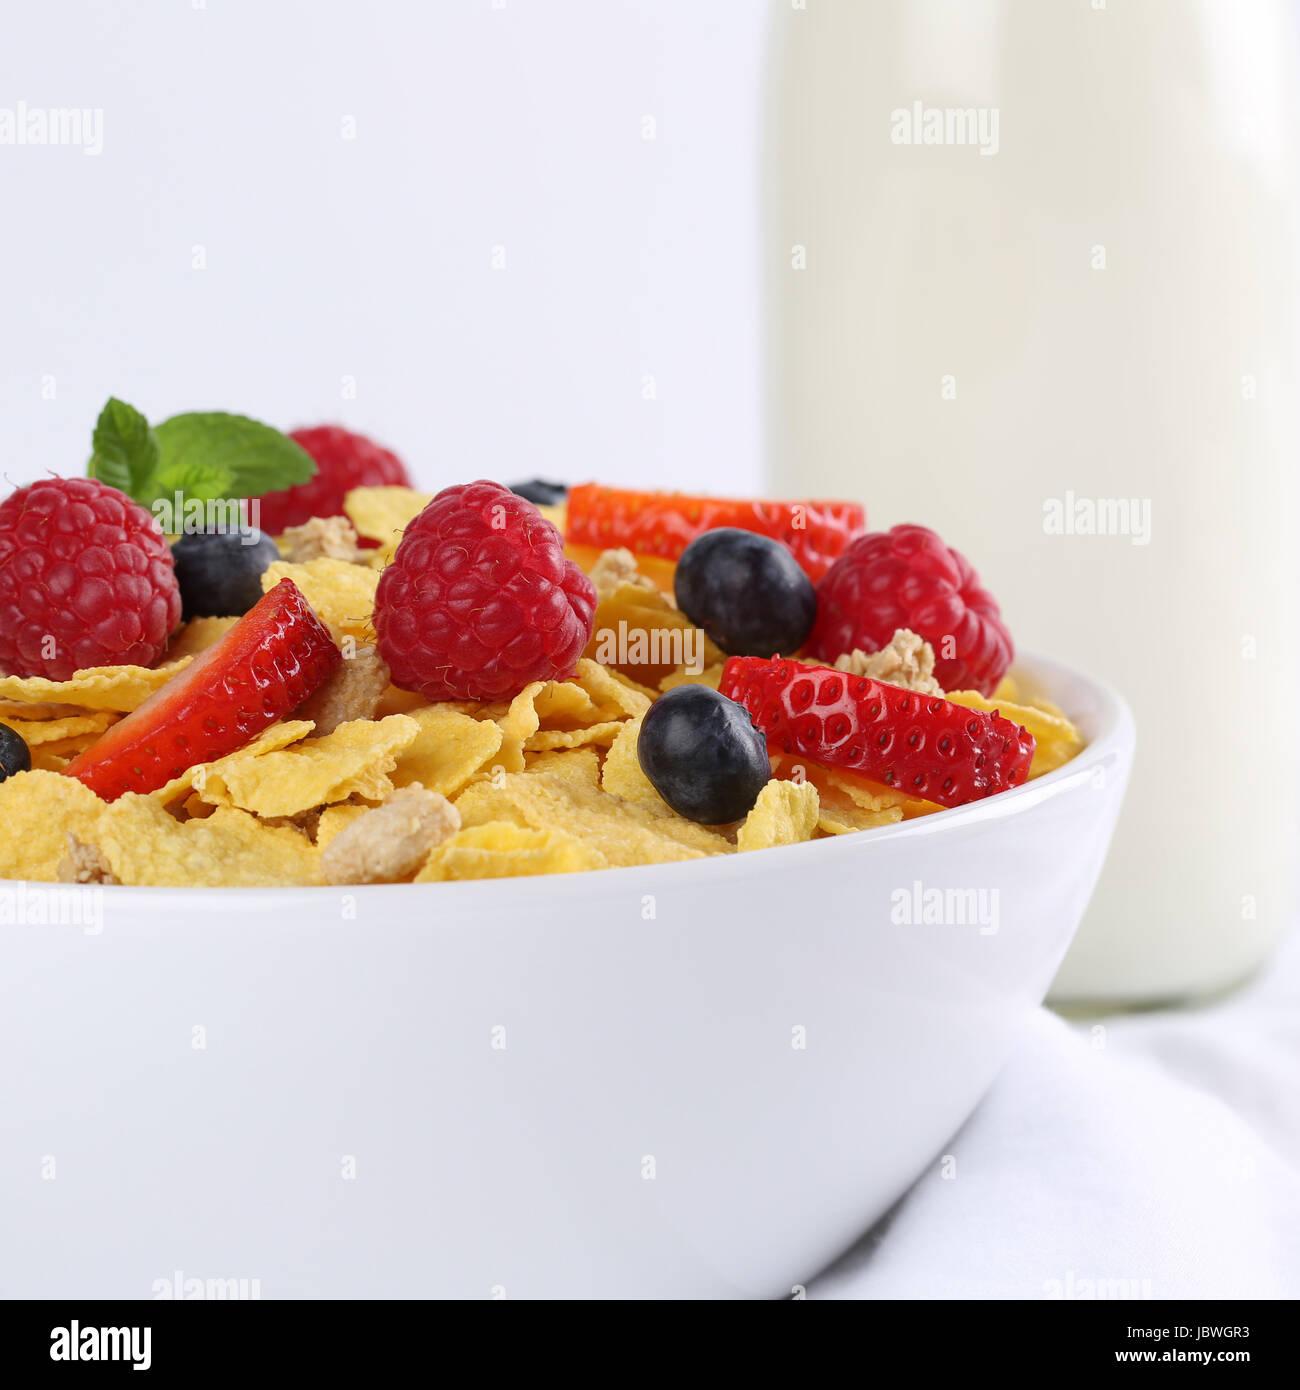 Frische Früchte wie Erdbeeren und Himbeeren mit Milch und Cornflakes zum Frühstück Stock Photo